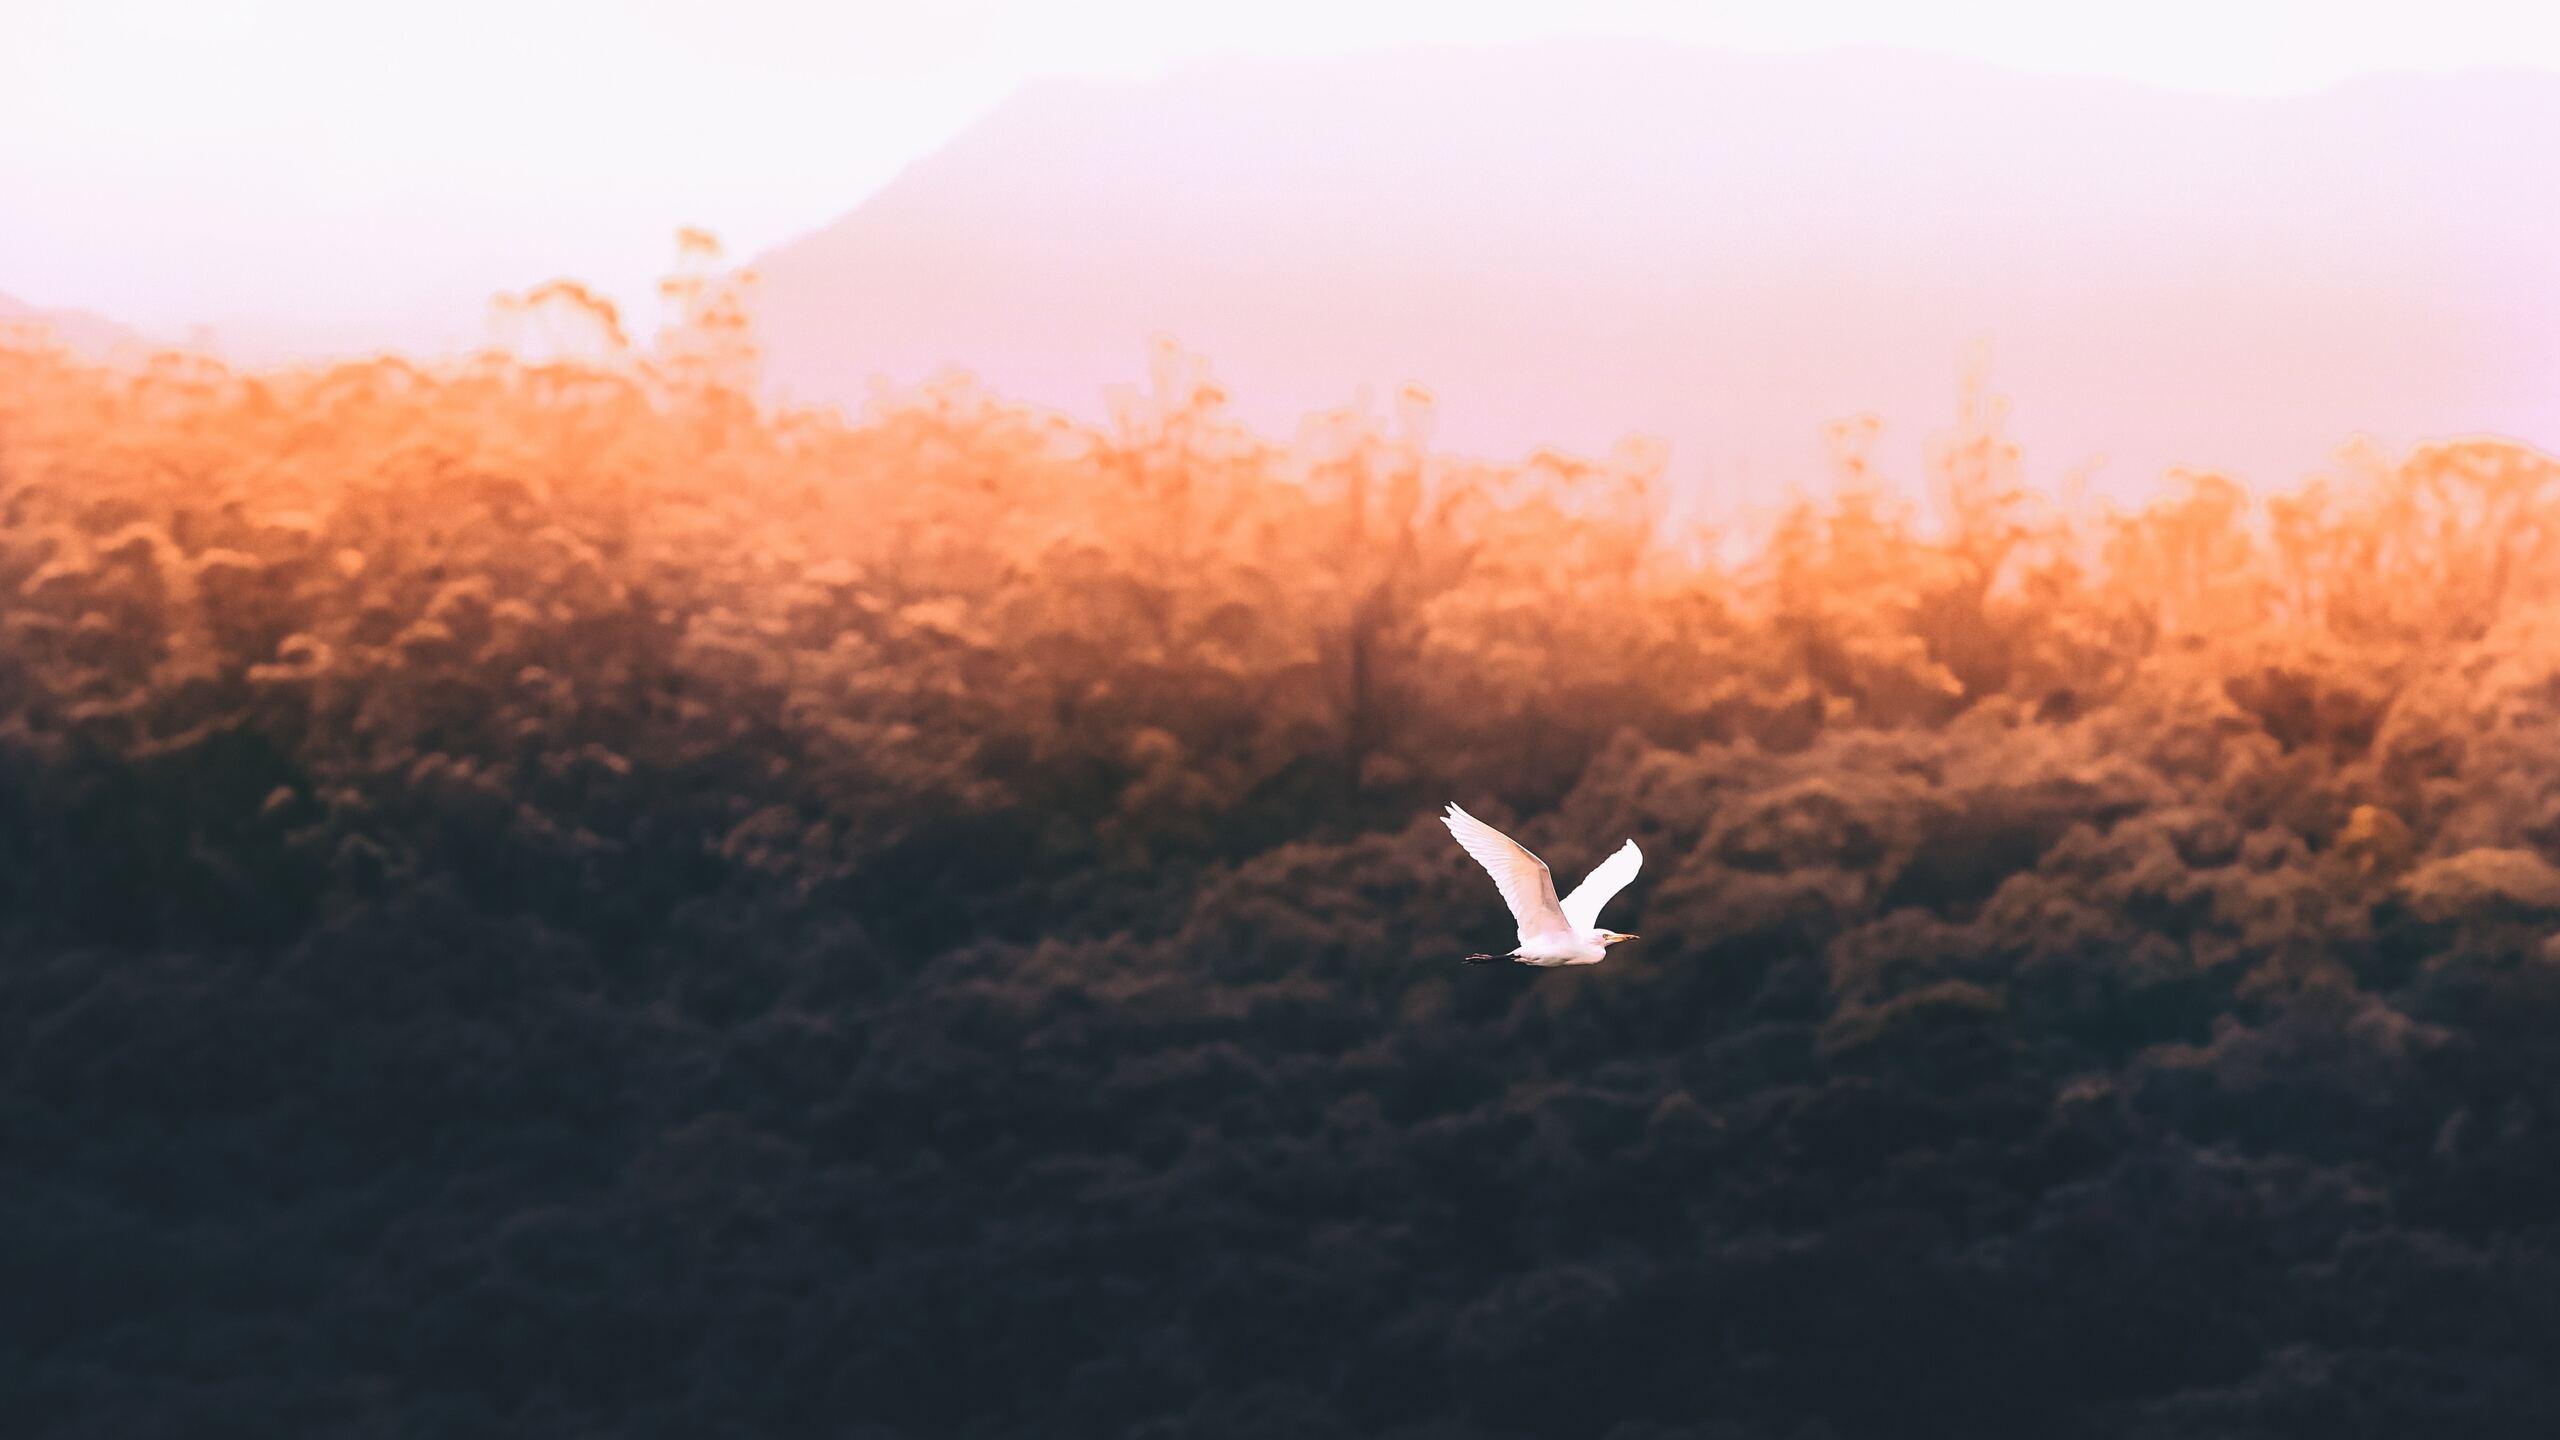 forest-sould-bird-flying-5k-vz.jpg